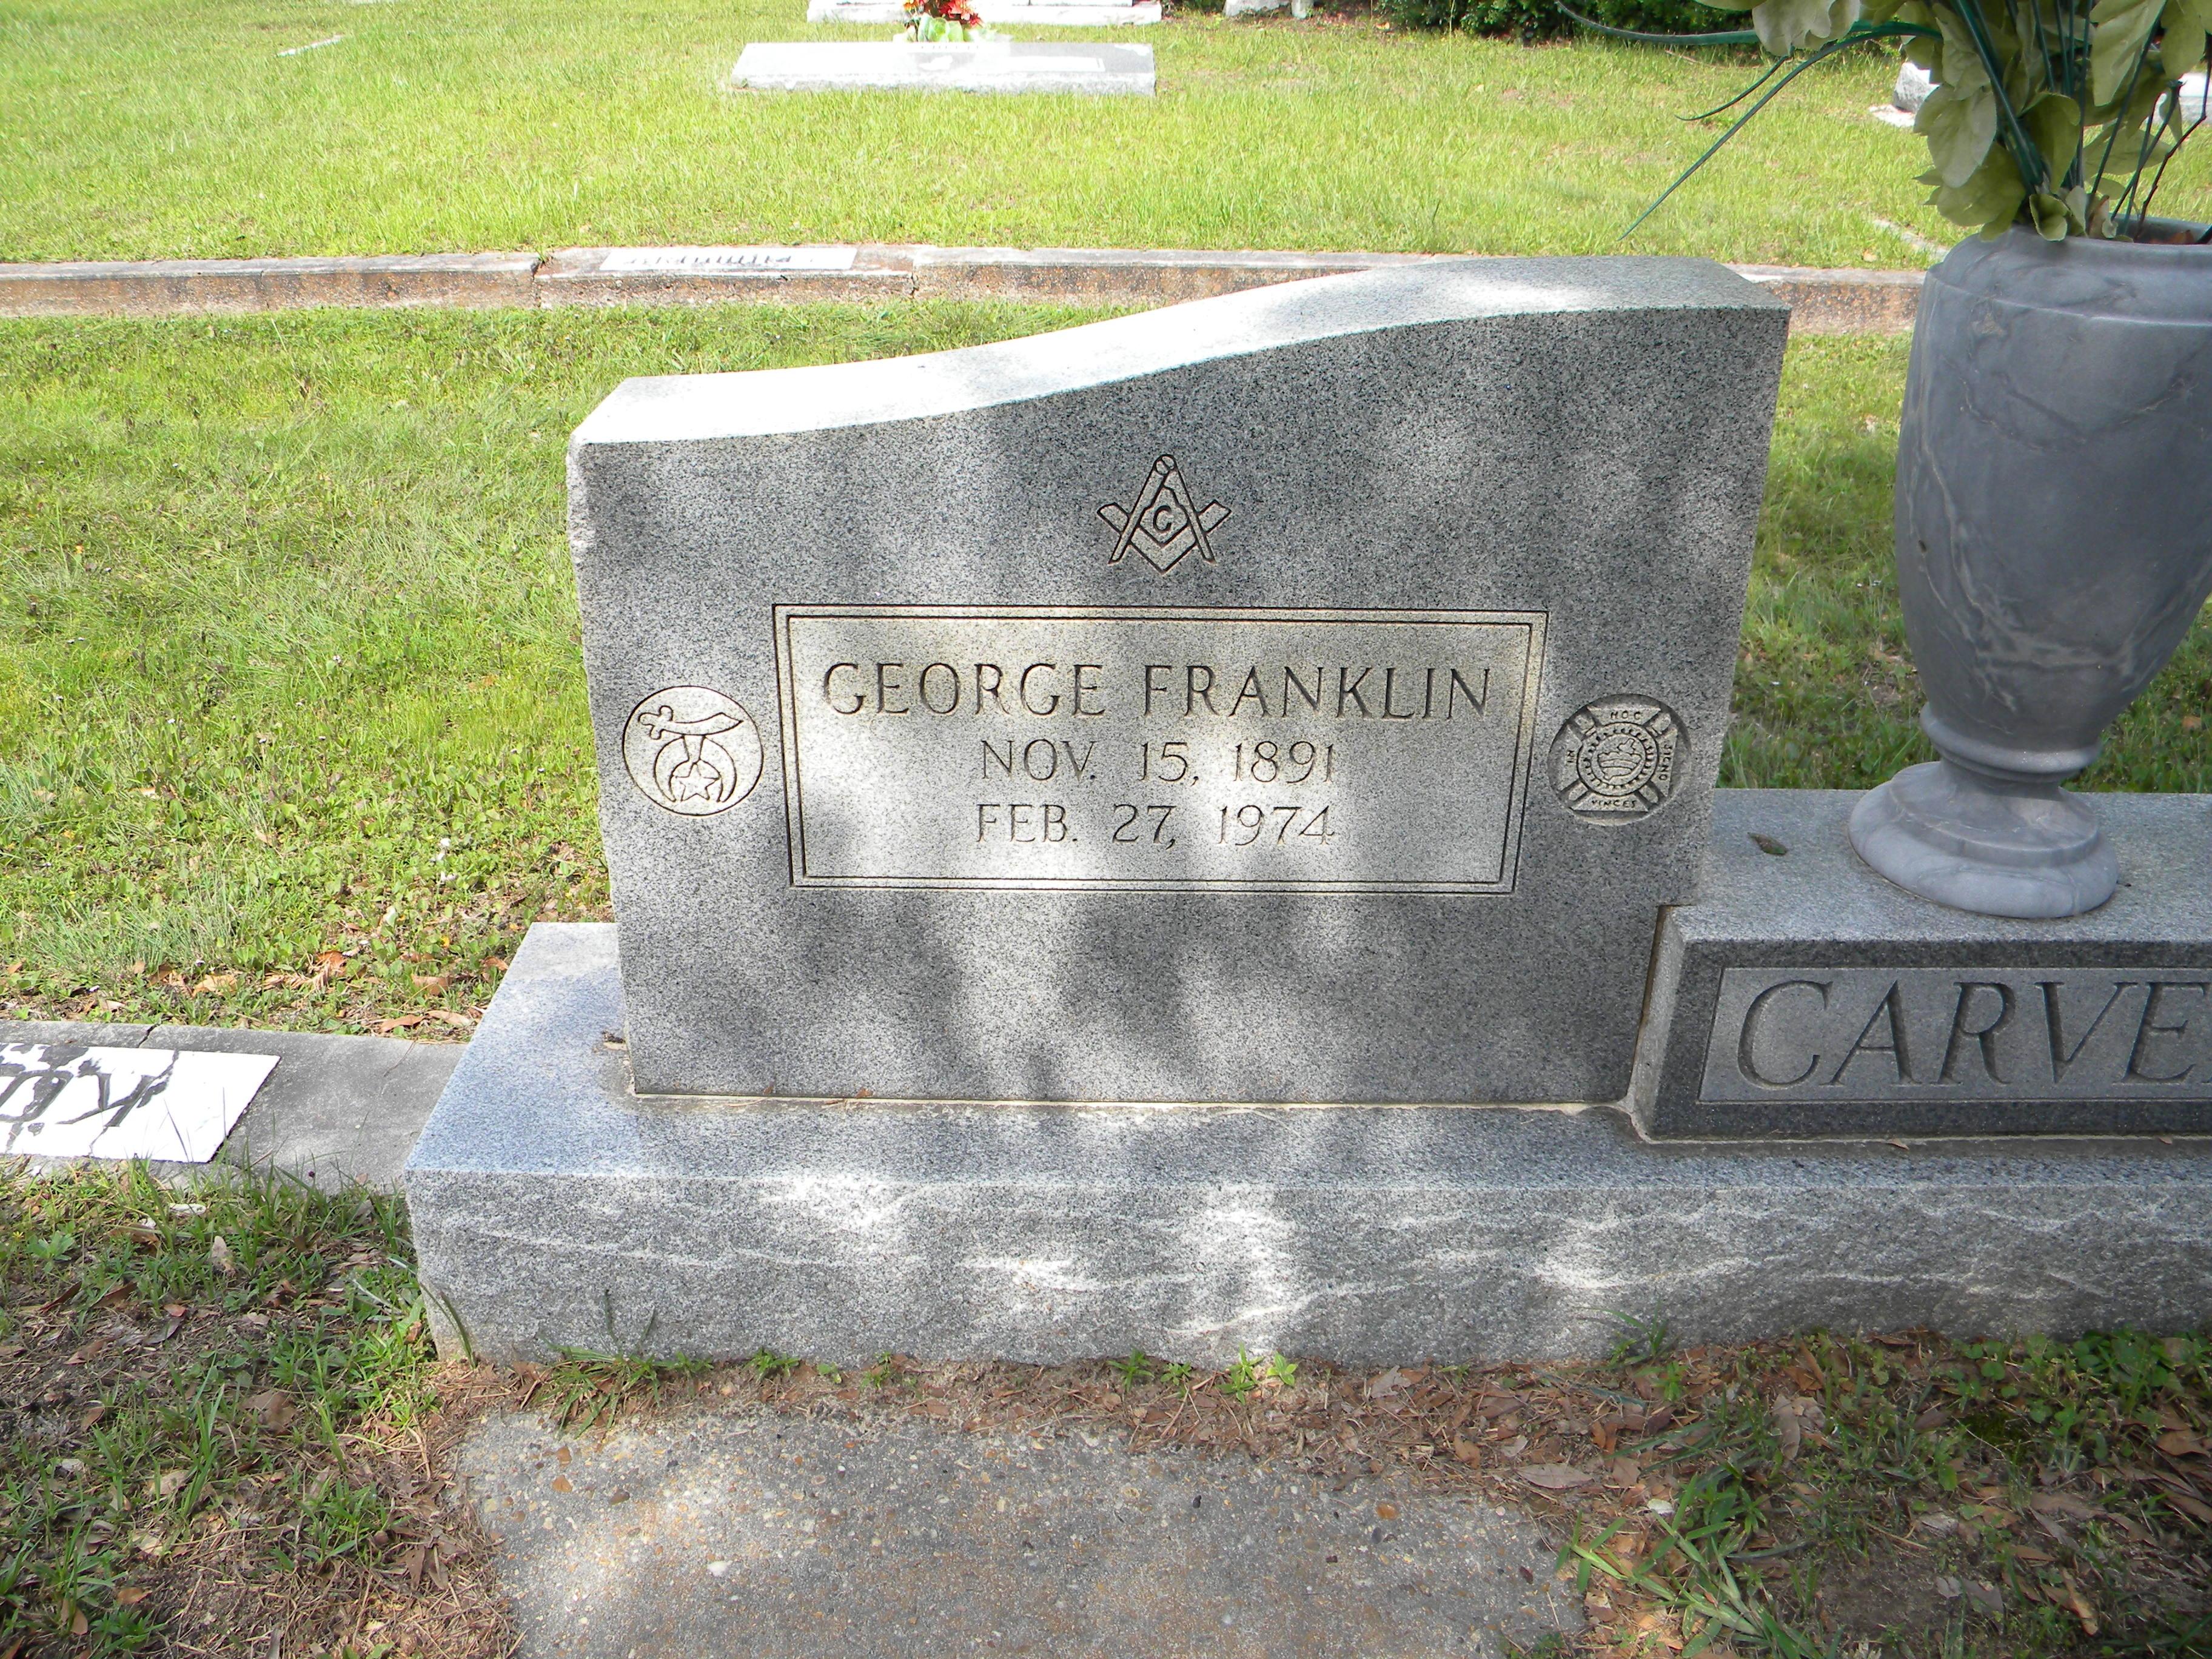 George Franklin Carver